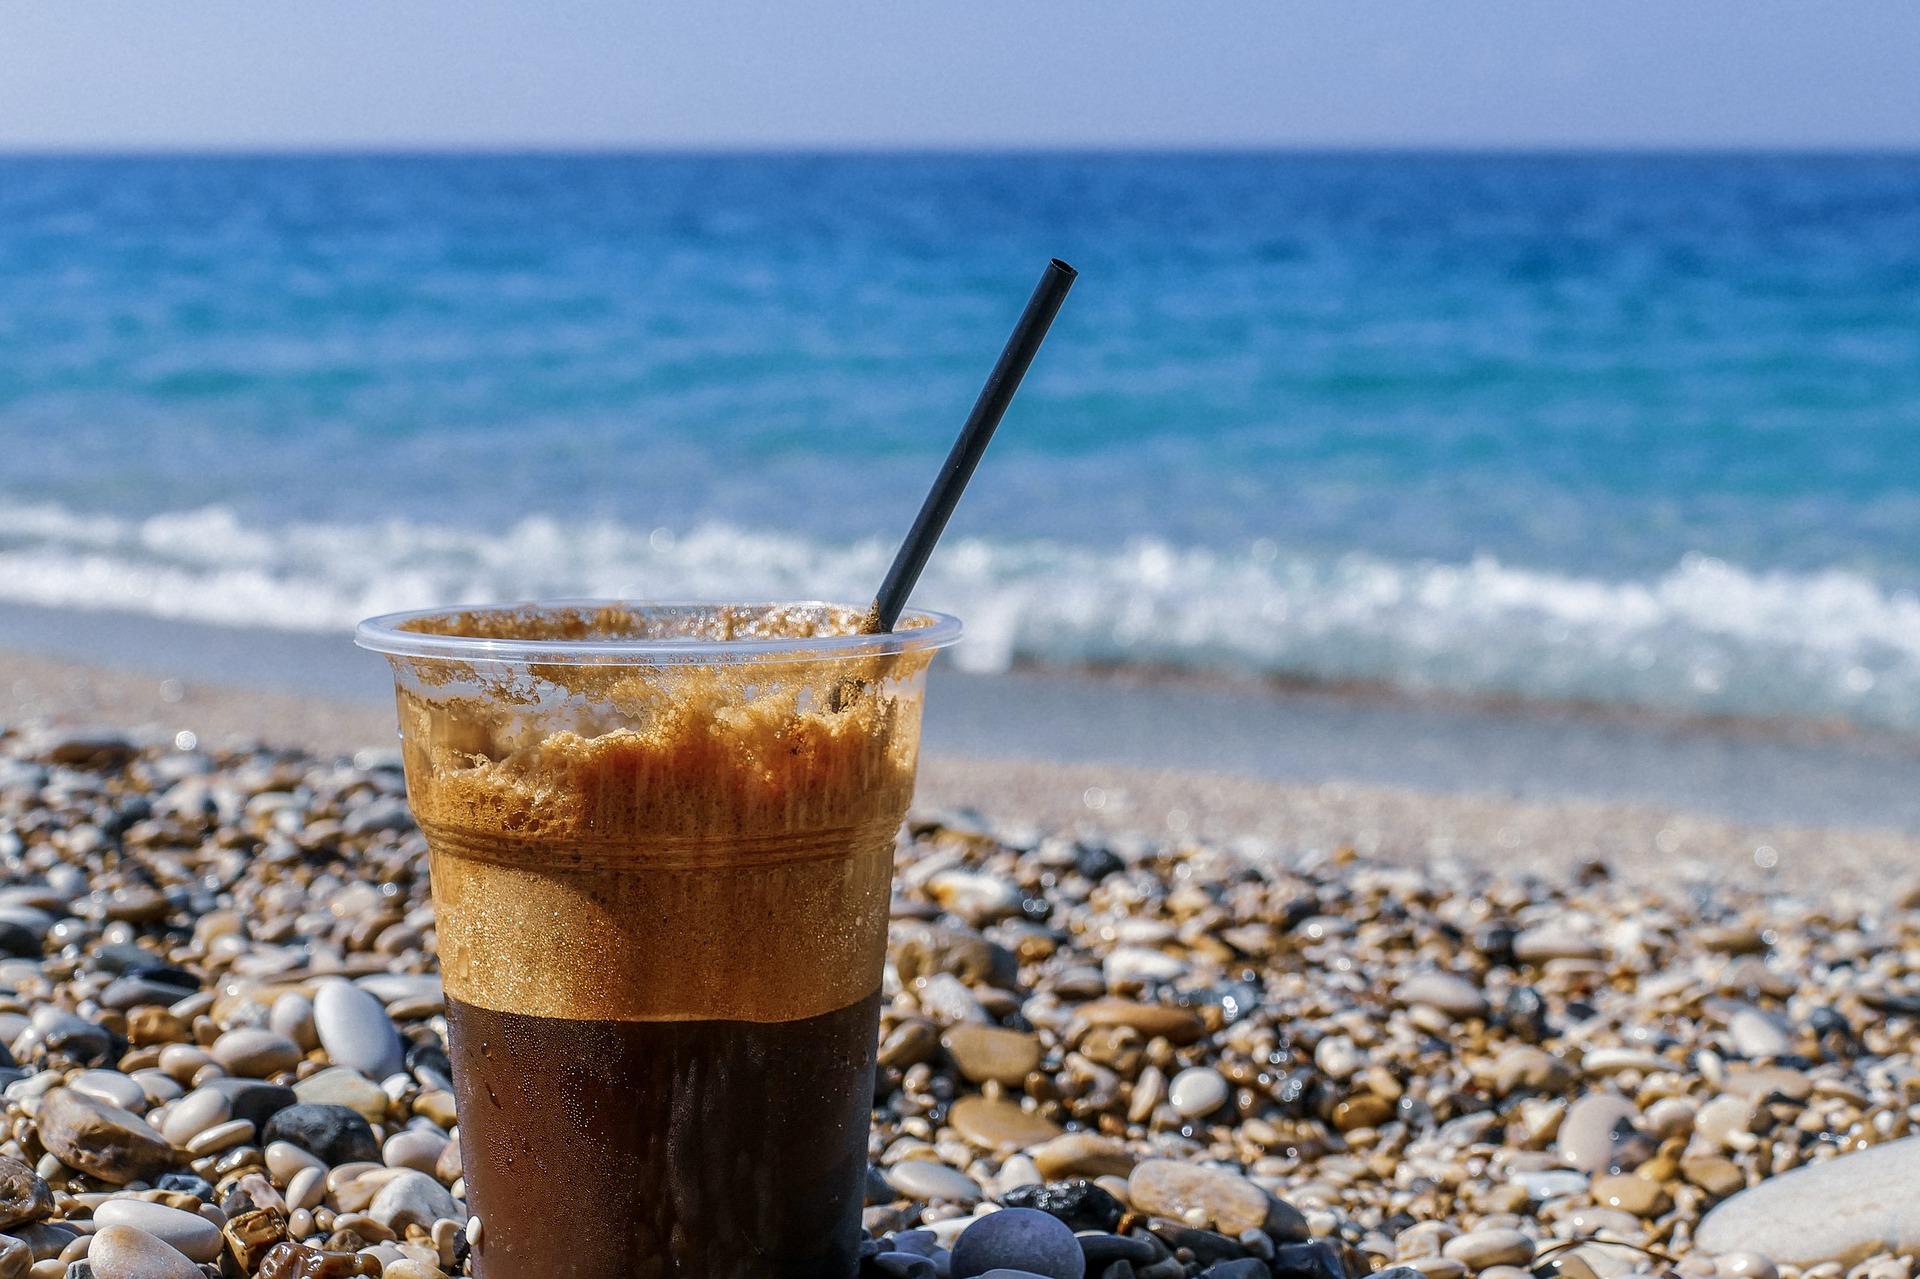 Для комфортного пляжного відпочинку до ваших послуг пляжний клуб із терасою, ресторан з обслуговуванням за меню, можлива подача страв до шезлонгів на пляжі.